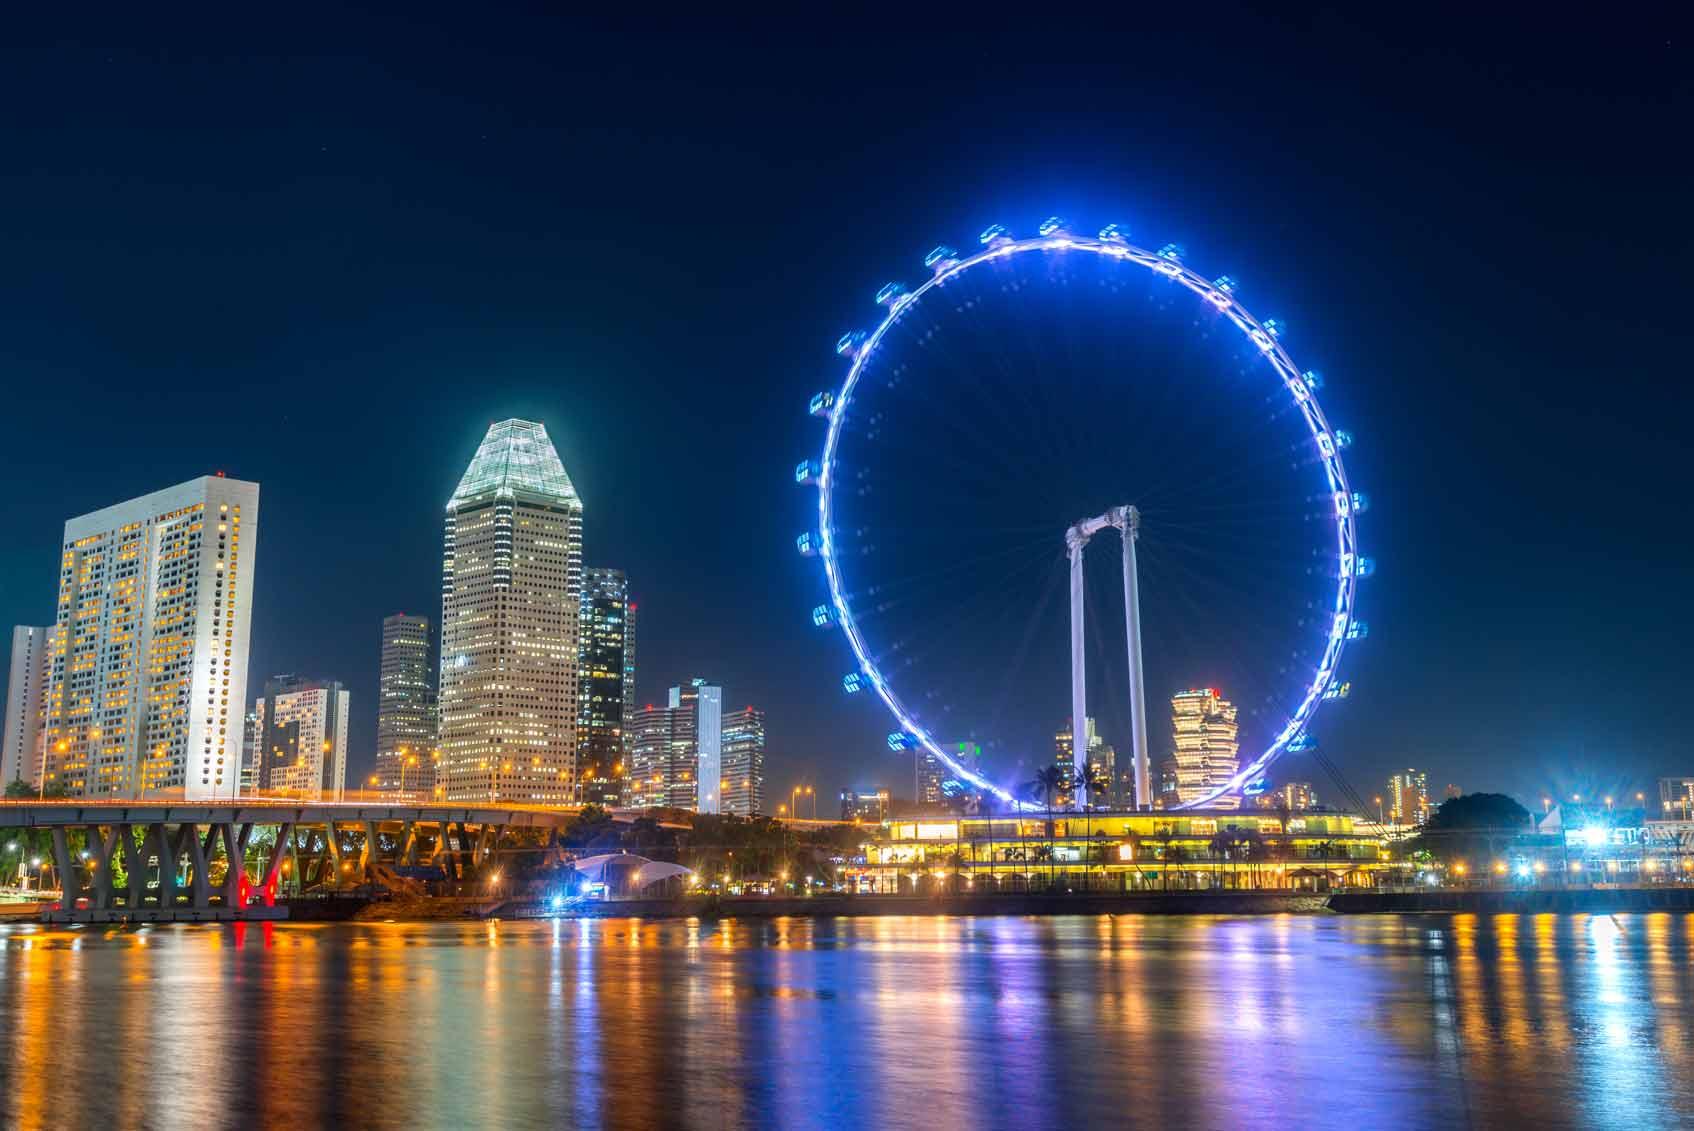 колесо обозрения Сингапур город ночью